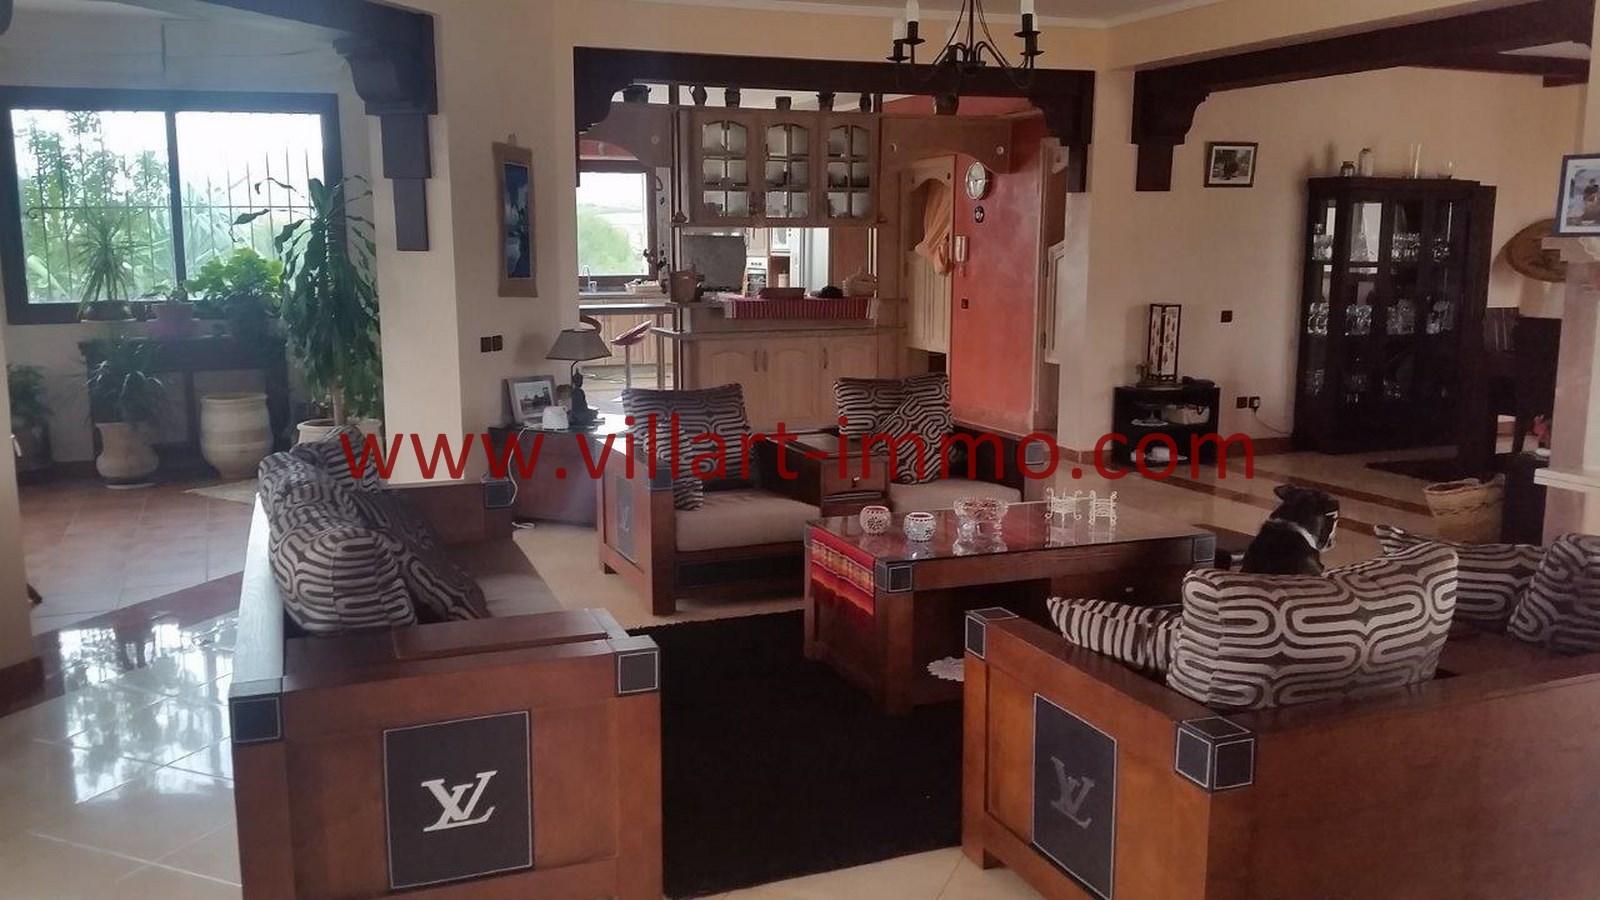 3-A louer-Villa-Meublée-Tanger-Achakar-Salon 3-LSAT914-Villart immo